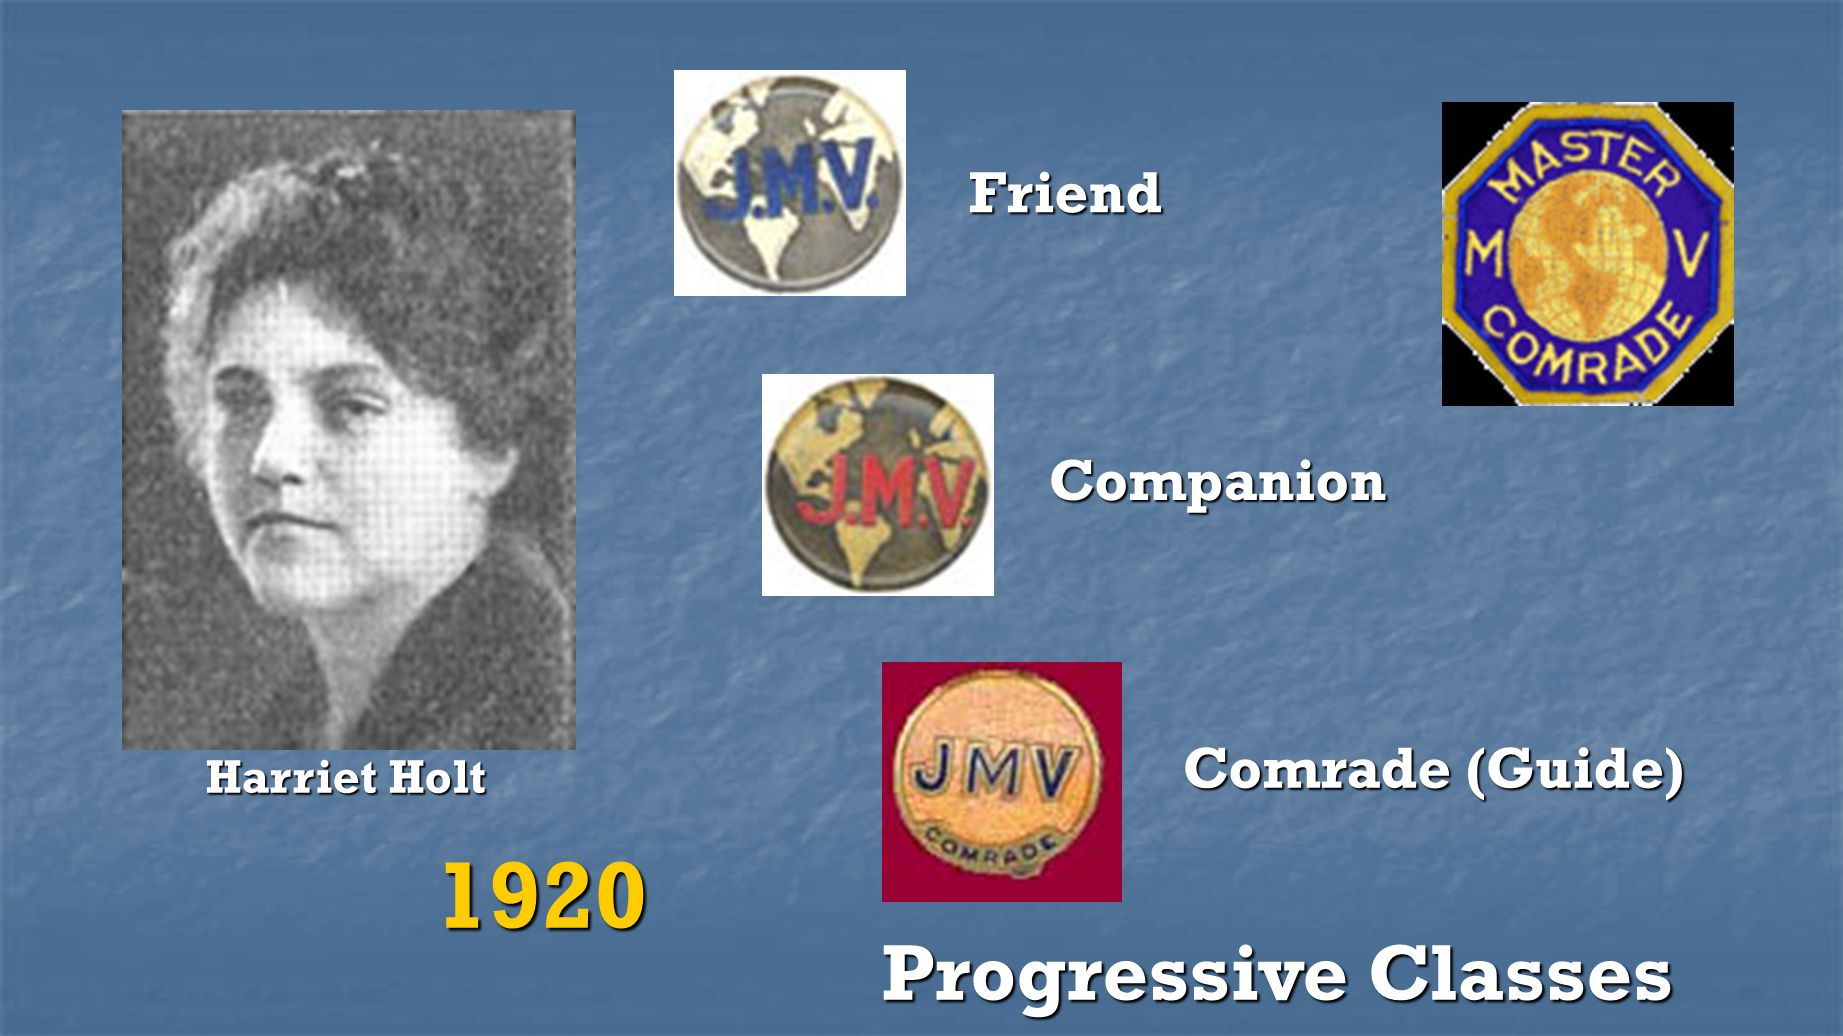 Friend Companion Comrade (Guide) Harriet Holt 1920 Progressive Classes